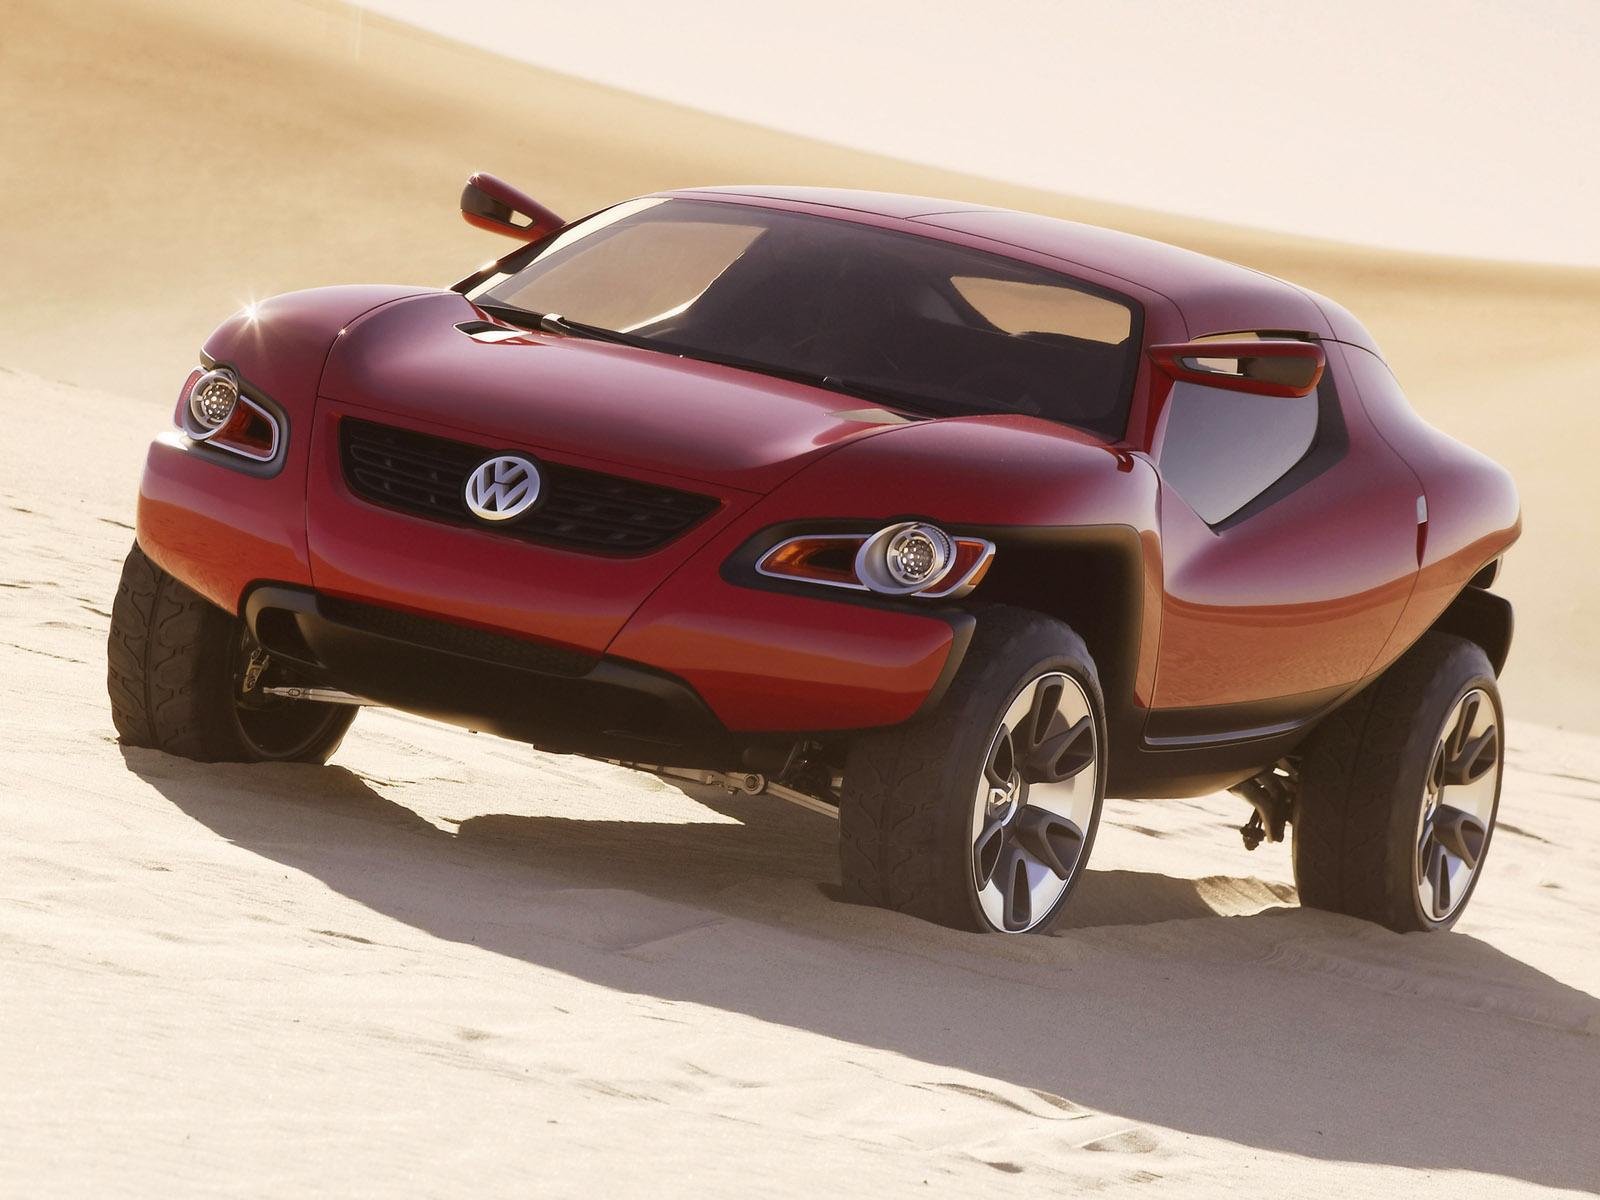 Volkswagen Concept T photo #1